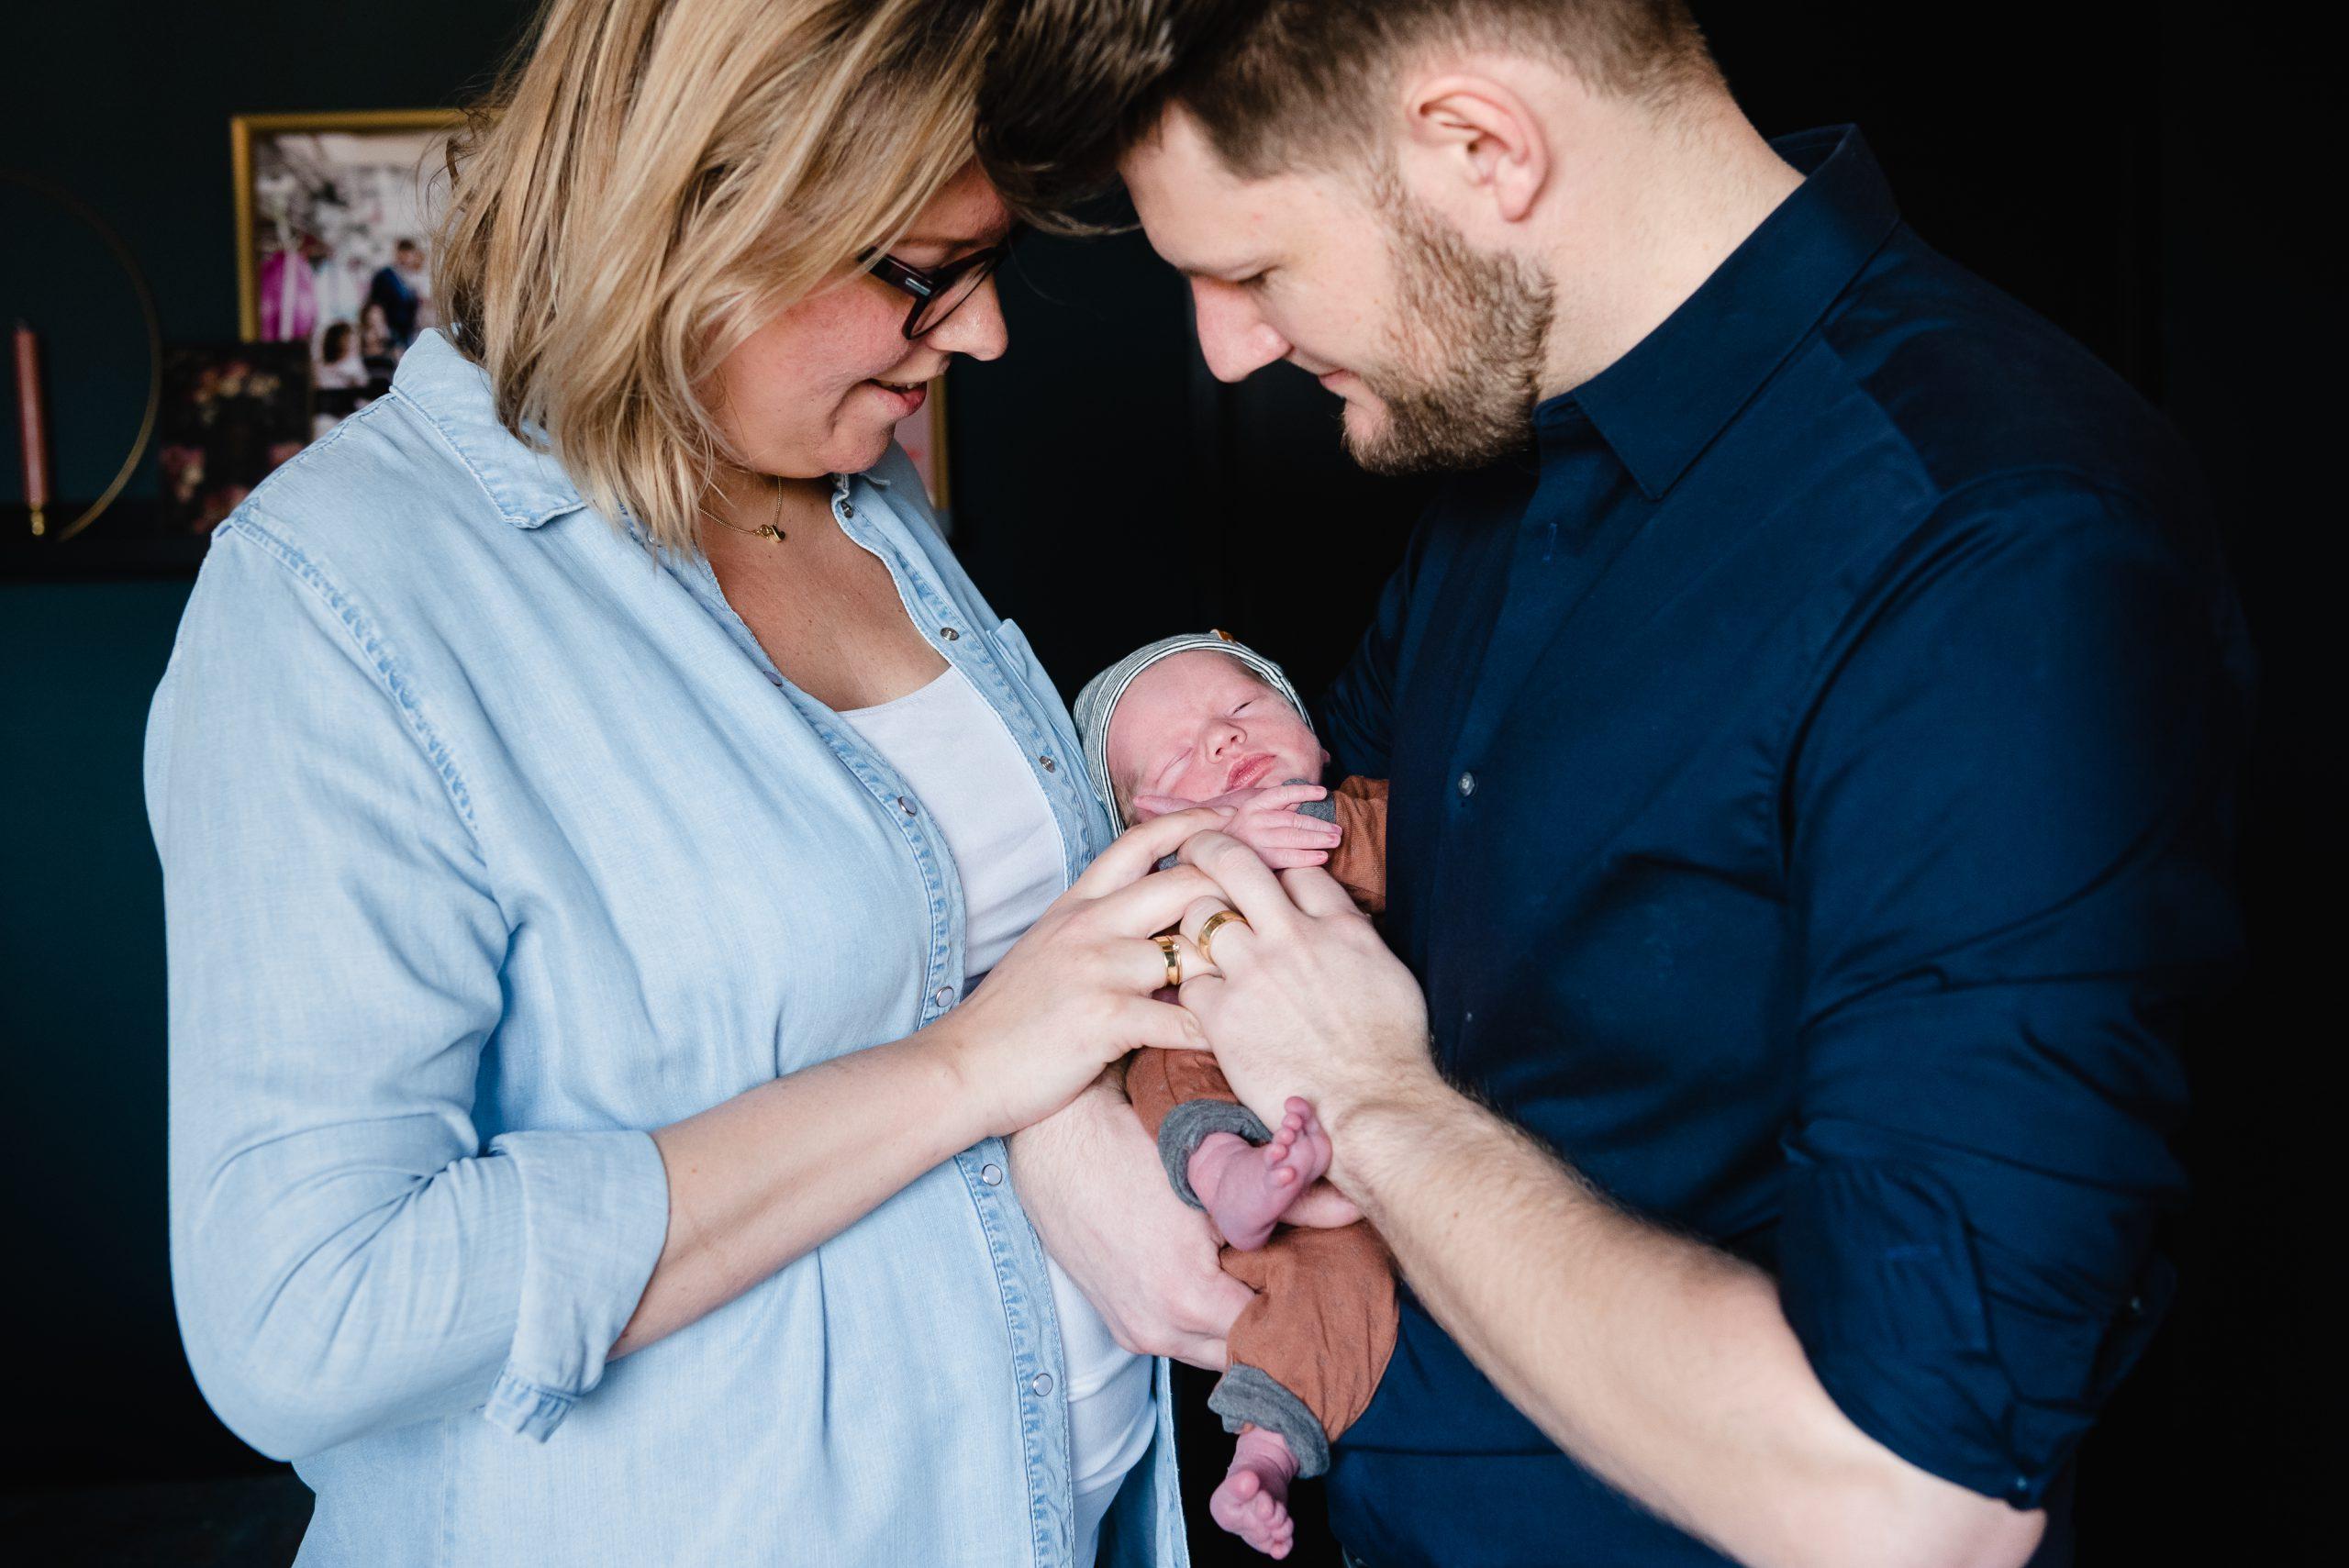 Jong gezin, kleine baby, newborn fotografie, familliefotograaf Assen, gezinsfotograaf Assen, fotograaf Assen, ongeposseerd, vastleggen zoals het leven is.